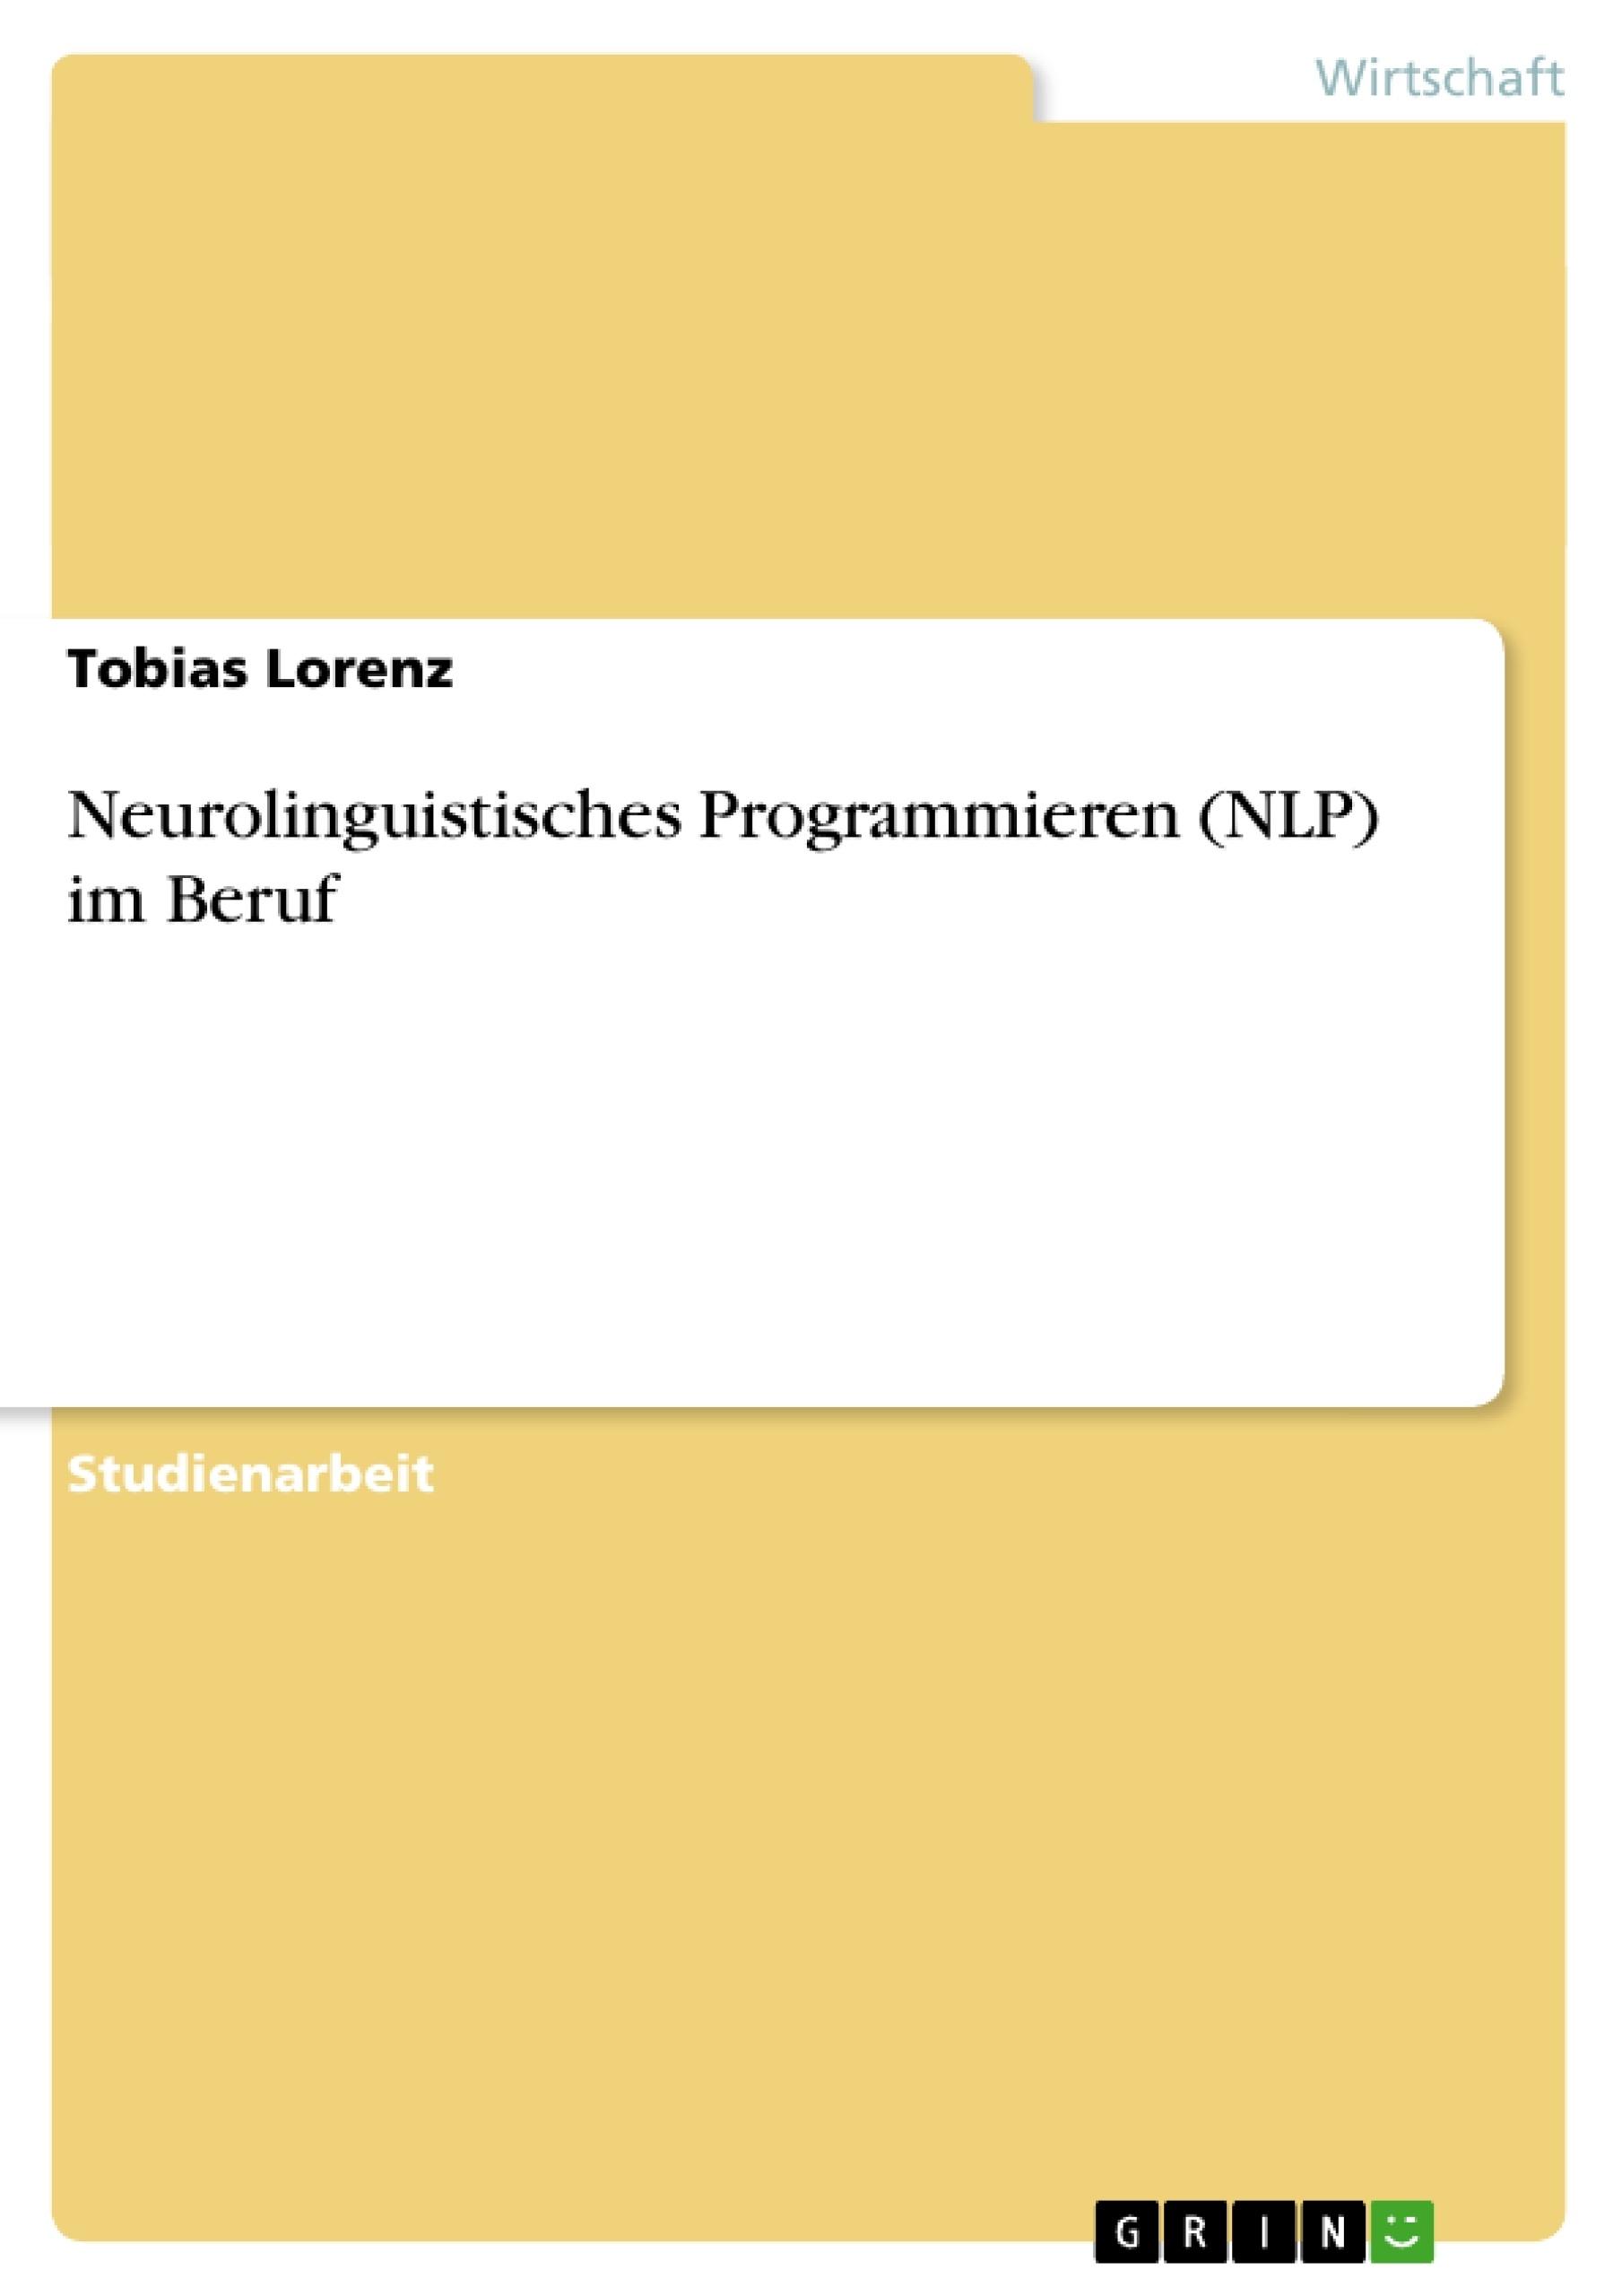 Titel: Neurolinguistisches Programmieren (NLP) im Beruf